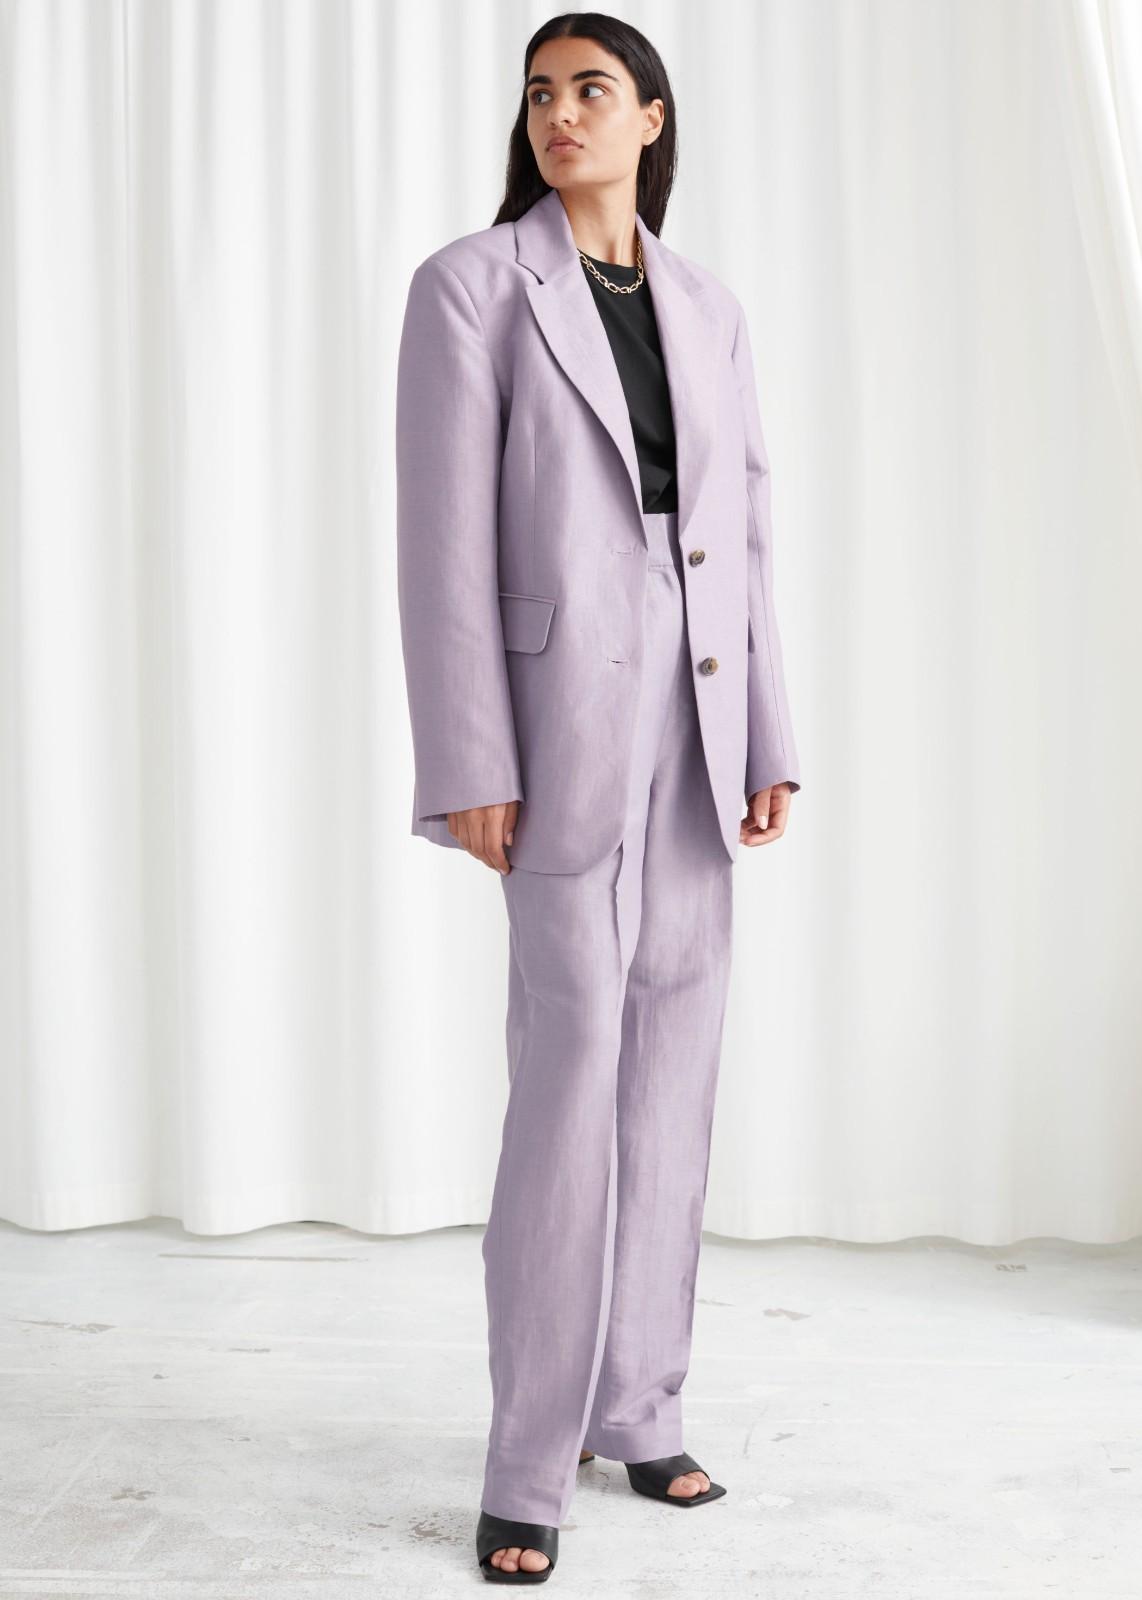 紫色廓形西装